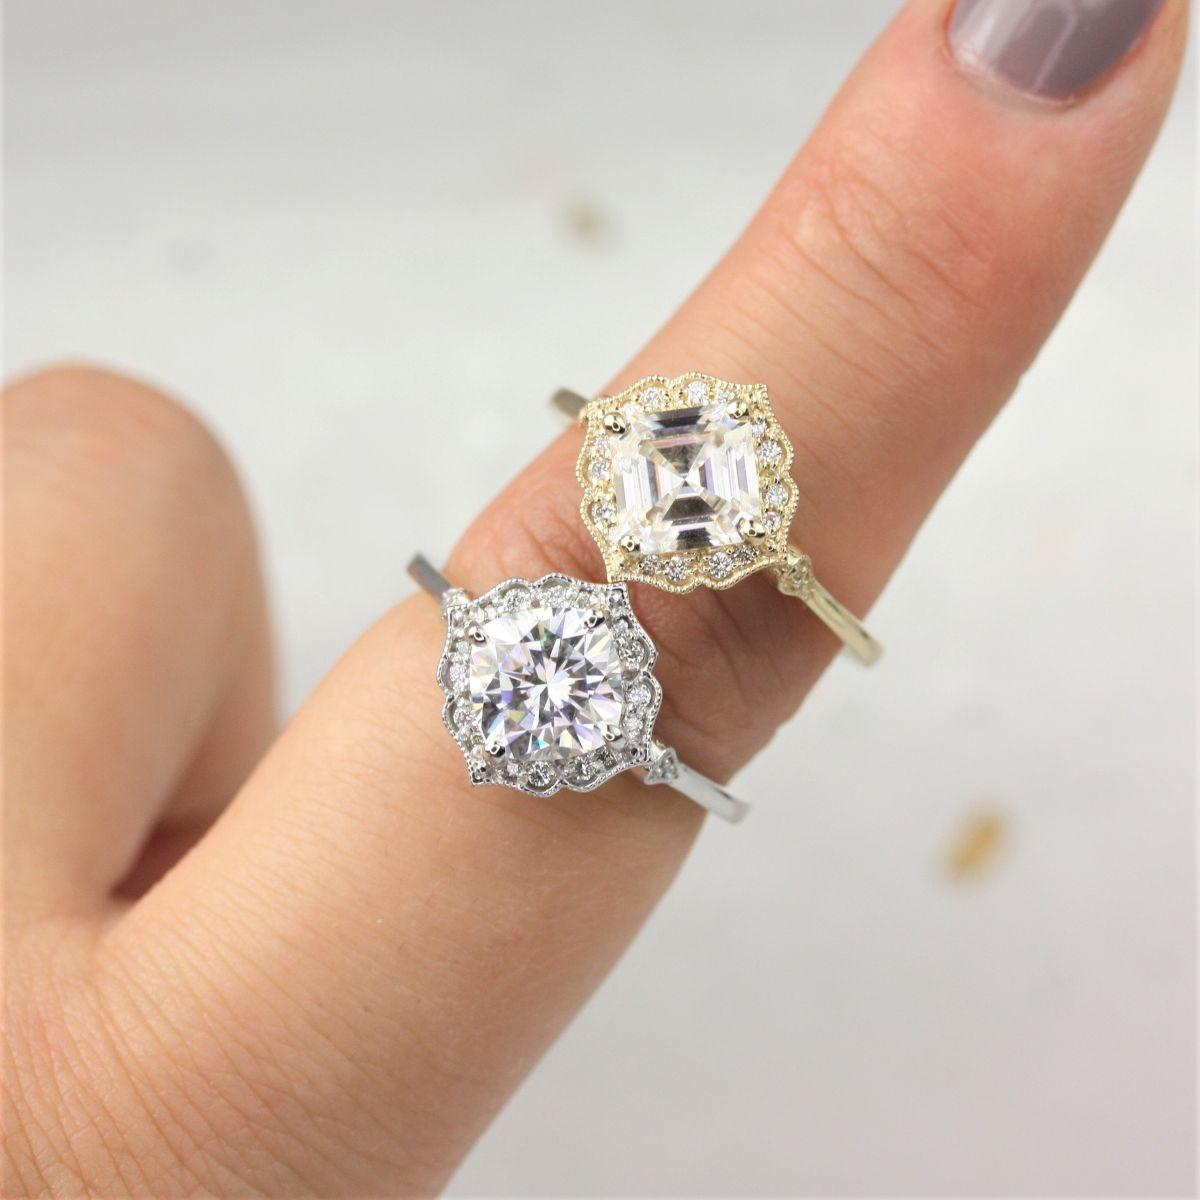 https://www.loveandpromisejewelers.com/media/catalog/product/cache/1b8ff75e92e9e3eb7d814fc024f6d8df/8/0/807afdf3524e514e8ecb8ebc937872ac.jpg